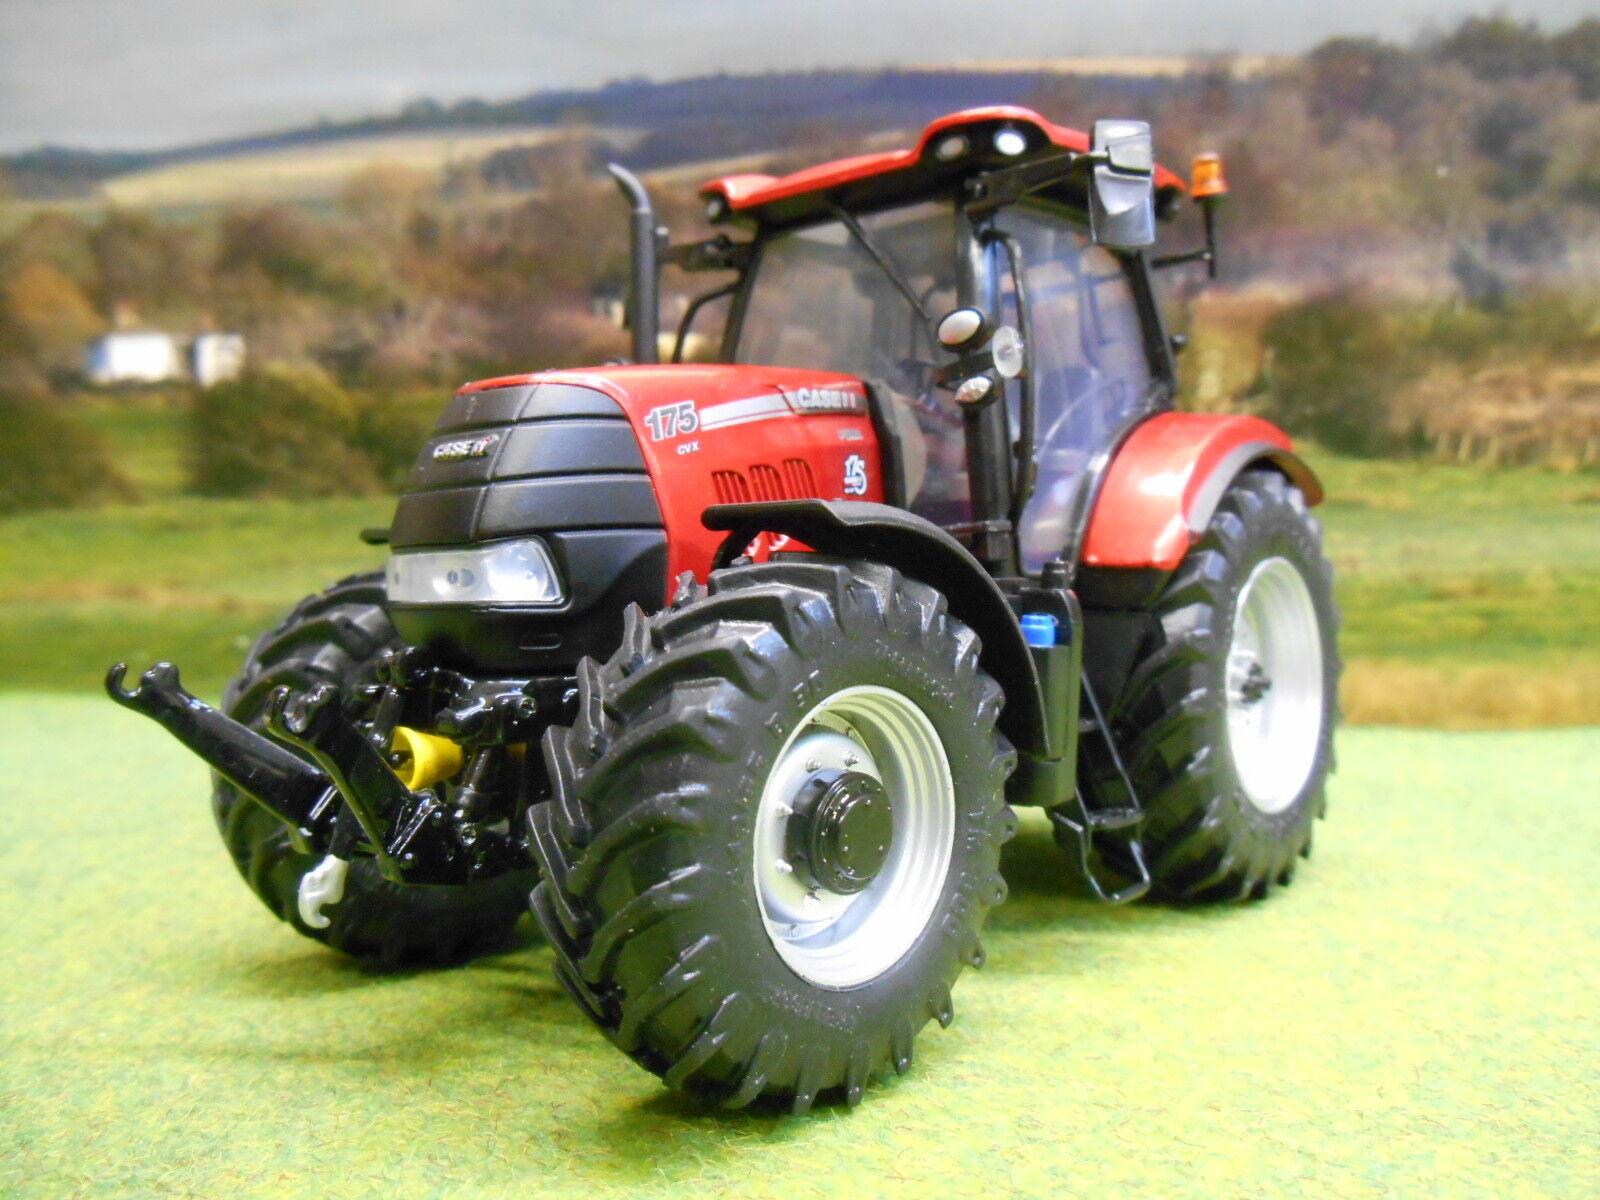 Universal Hobbies Case IH Puma 175 CVX Tracteur 175th anniversaire 1/32 5285 | Une Performance Fiable